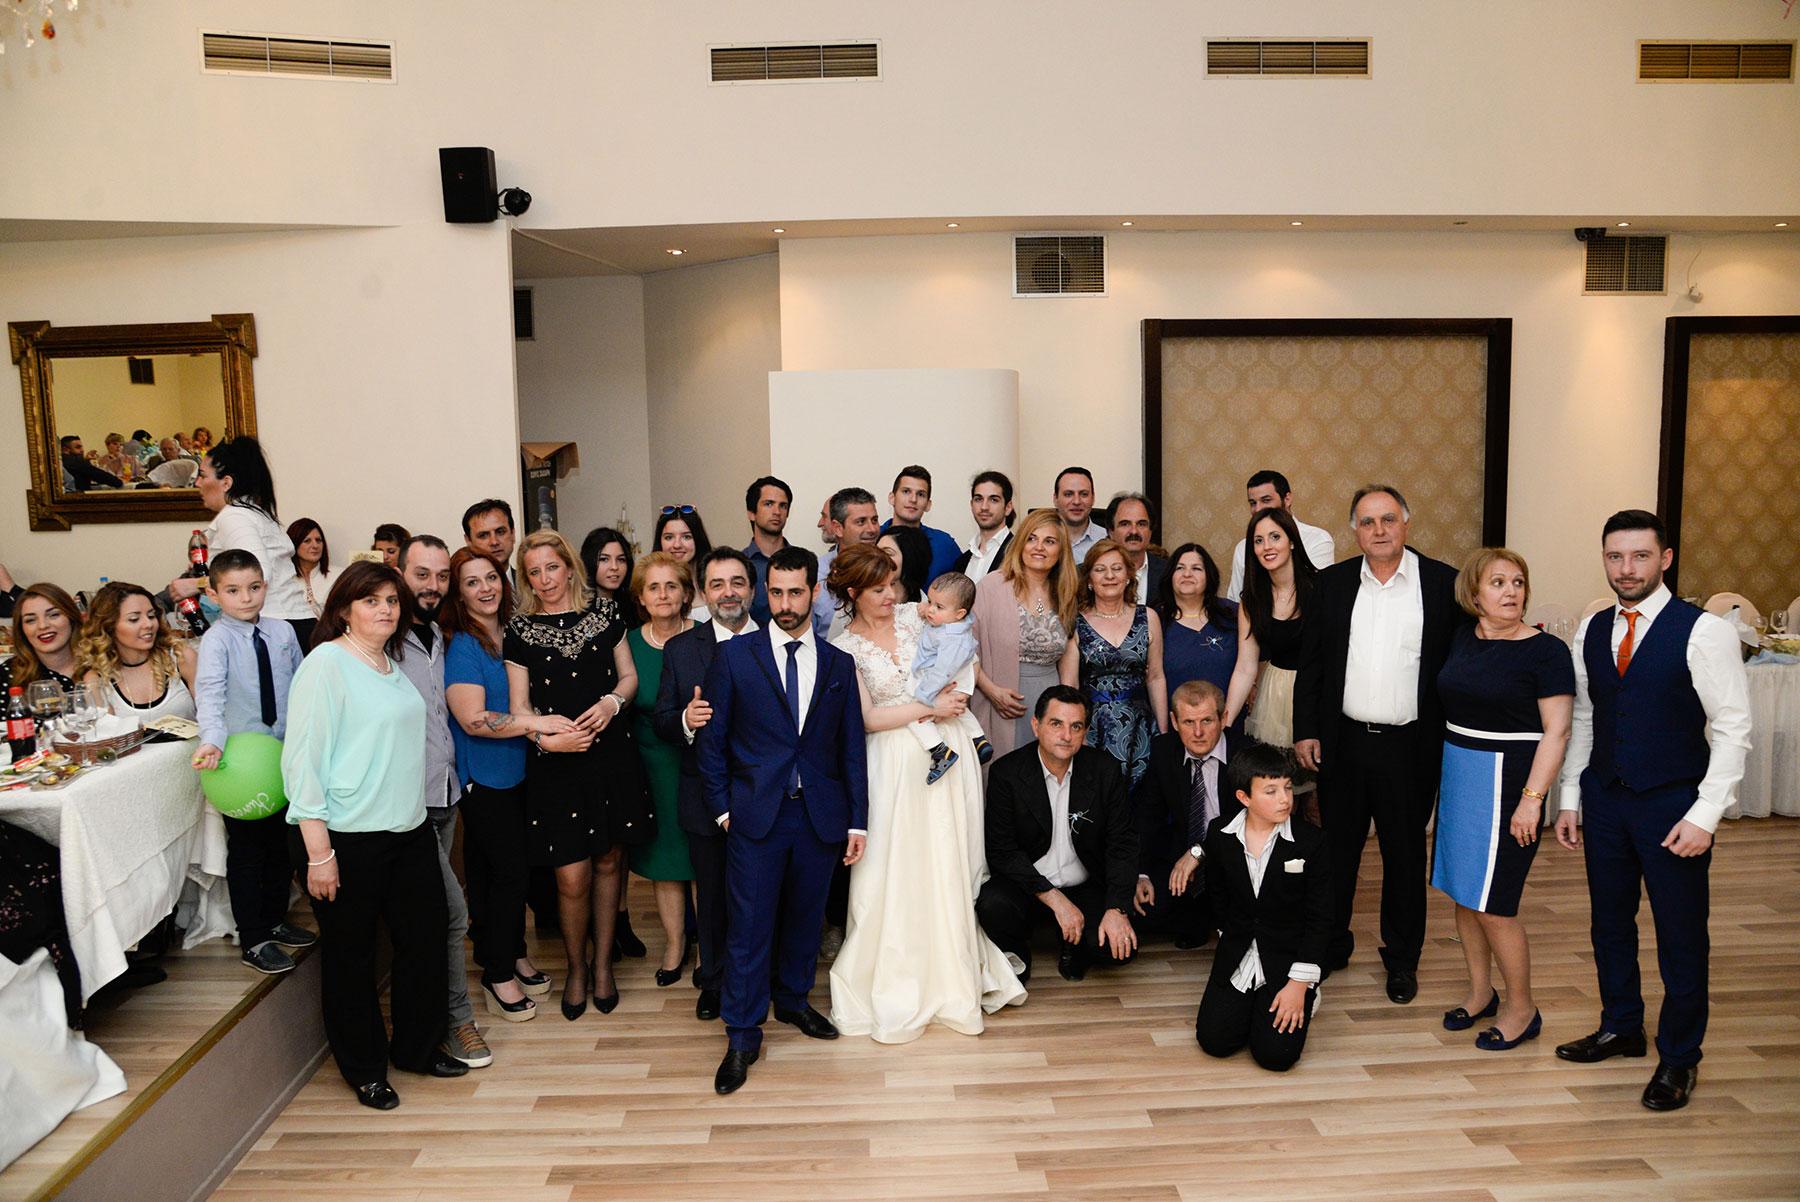 photo video soula, φωτογράφοι αθήνα, φωτογράφοι καλλιθέα, φωτογραφήσεις γάμων, φωτογραφήσεις βαφτίσεων, φωτογραφήσεις δεξιώσεων, βίντεο γάμων, βίντεο βαφτίσεων, video γάμων, video βαφτίσεων, φωτογραφήσεις βιντεοσκοπήσεις